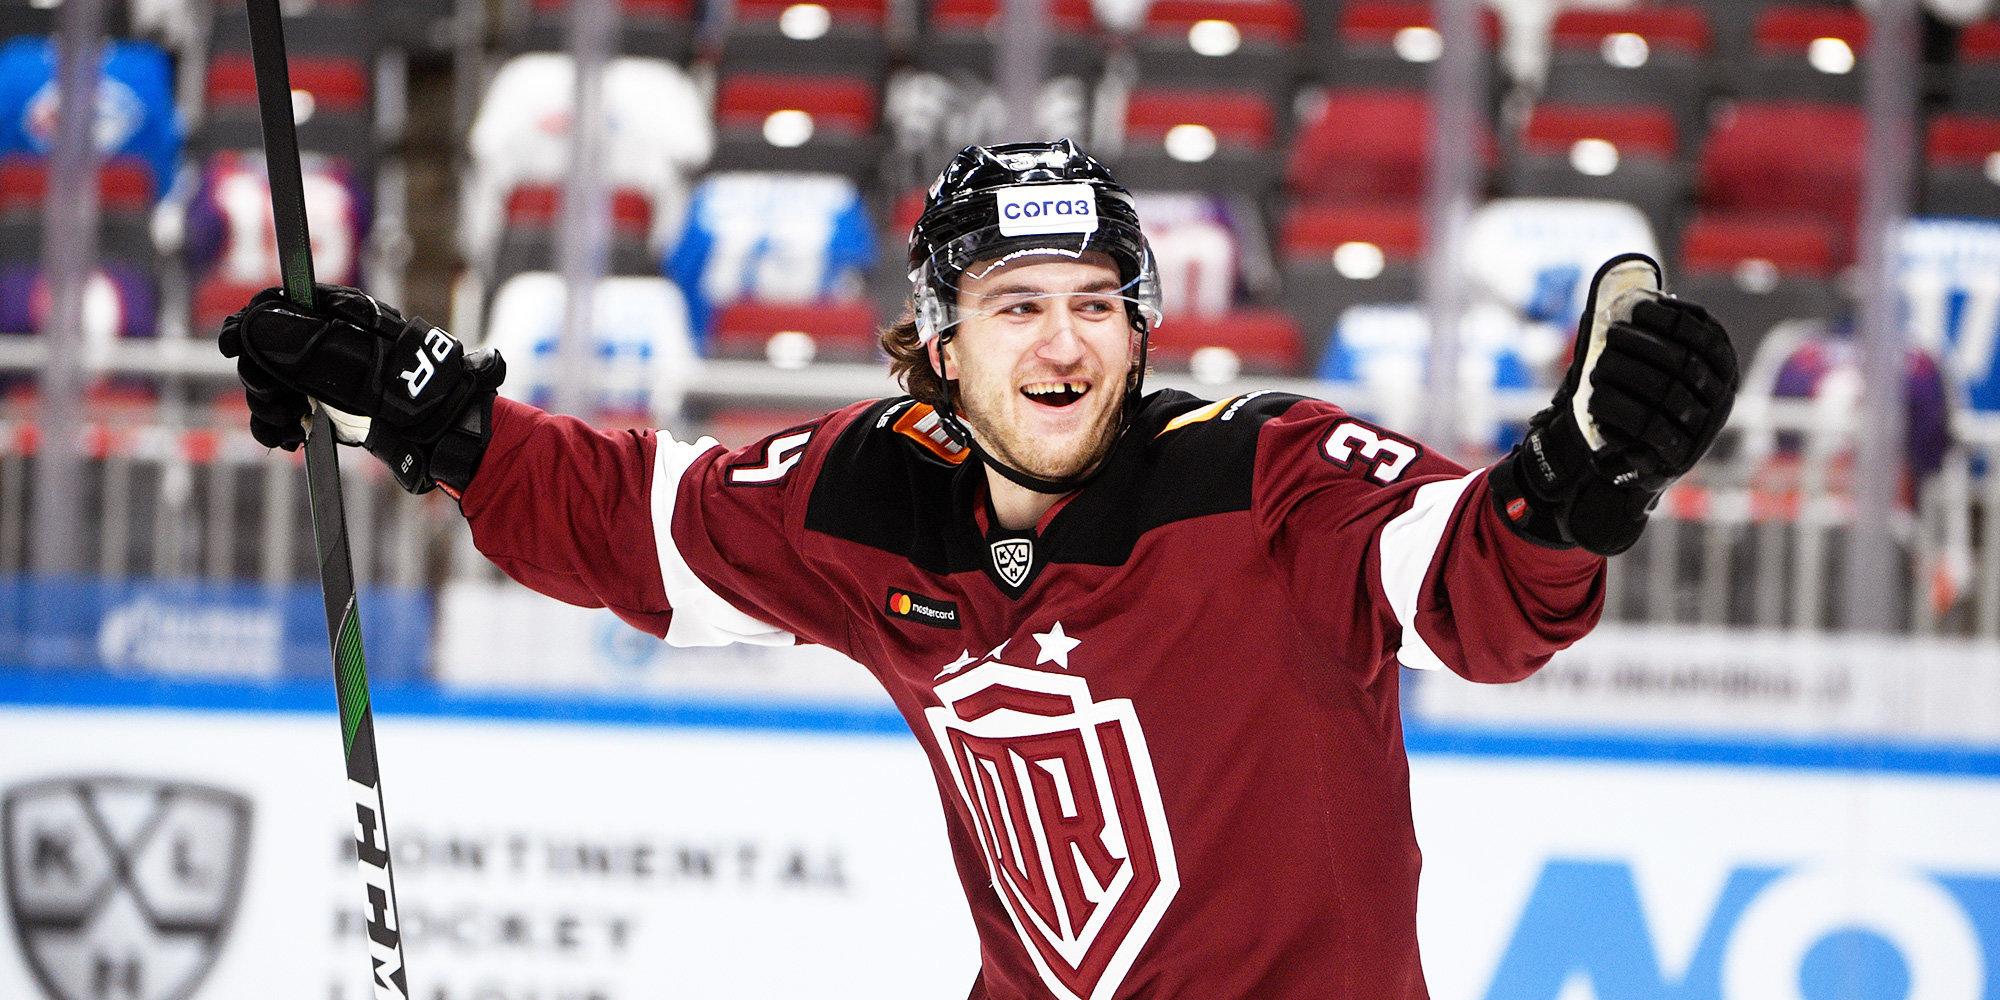 «Сочи» подписал самого скоростного игрока регулярного чемпионата КХЛ-2020/21